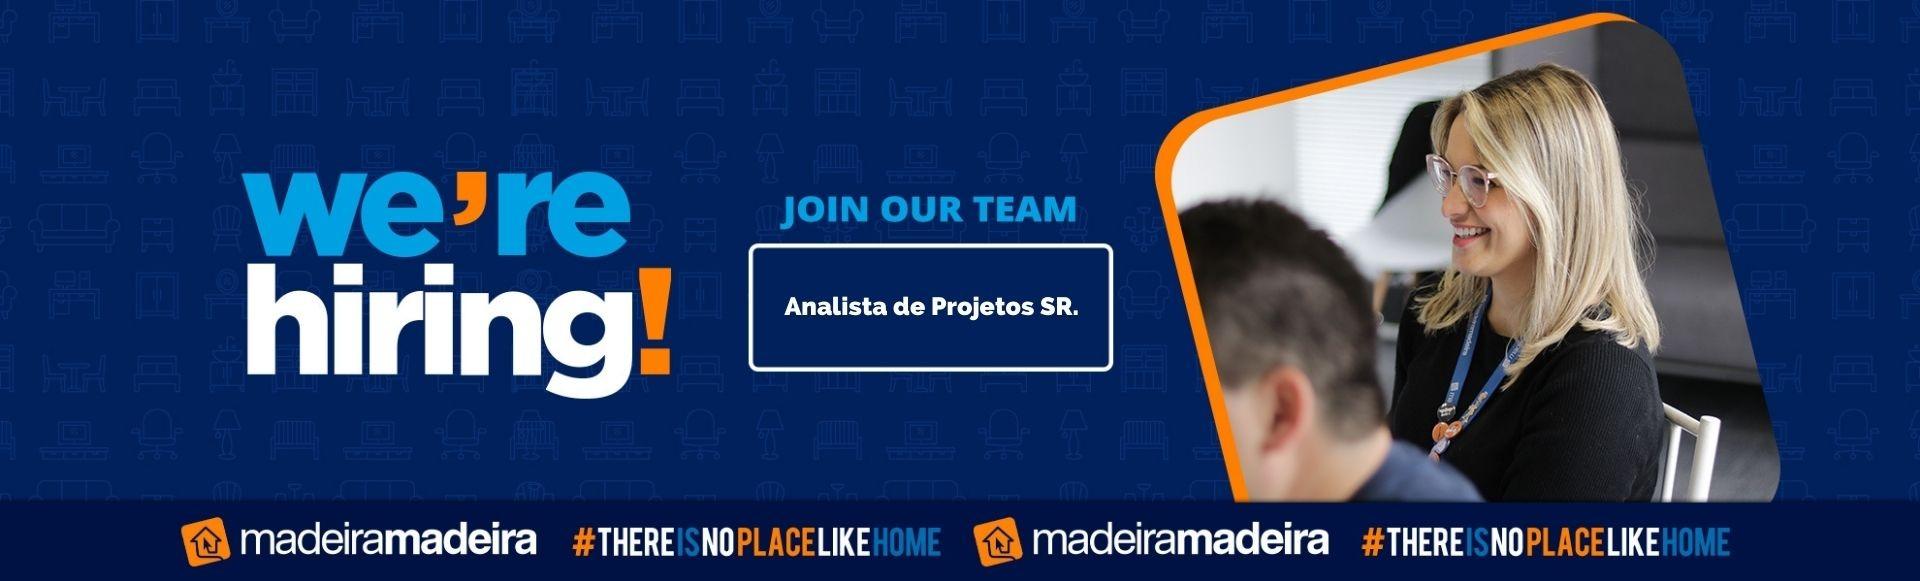 Analista de Projetos SR